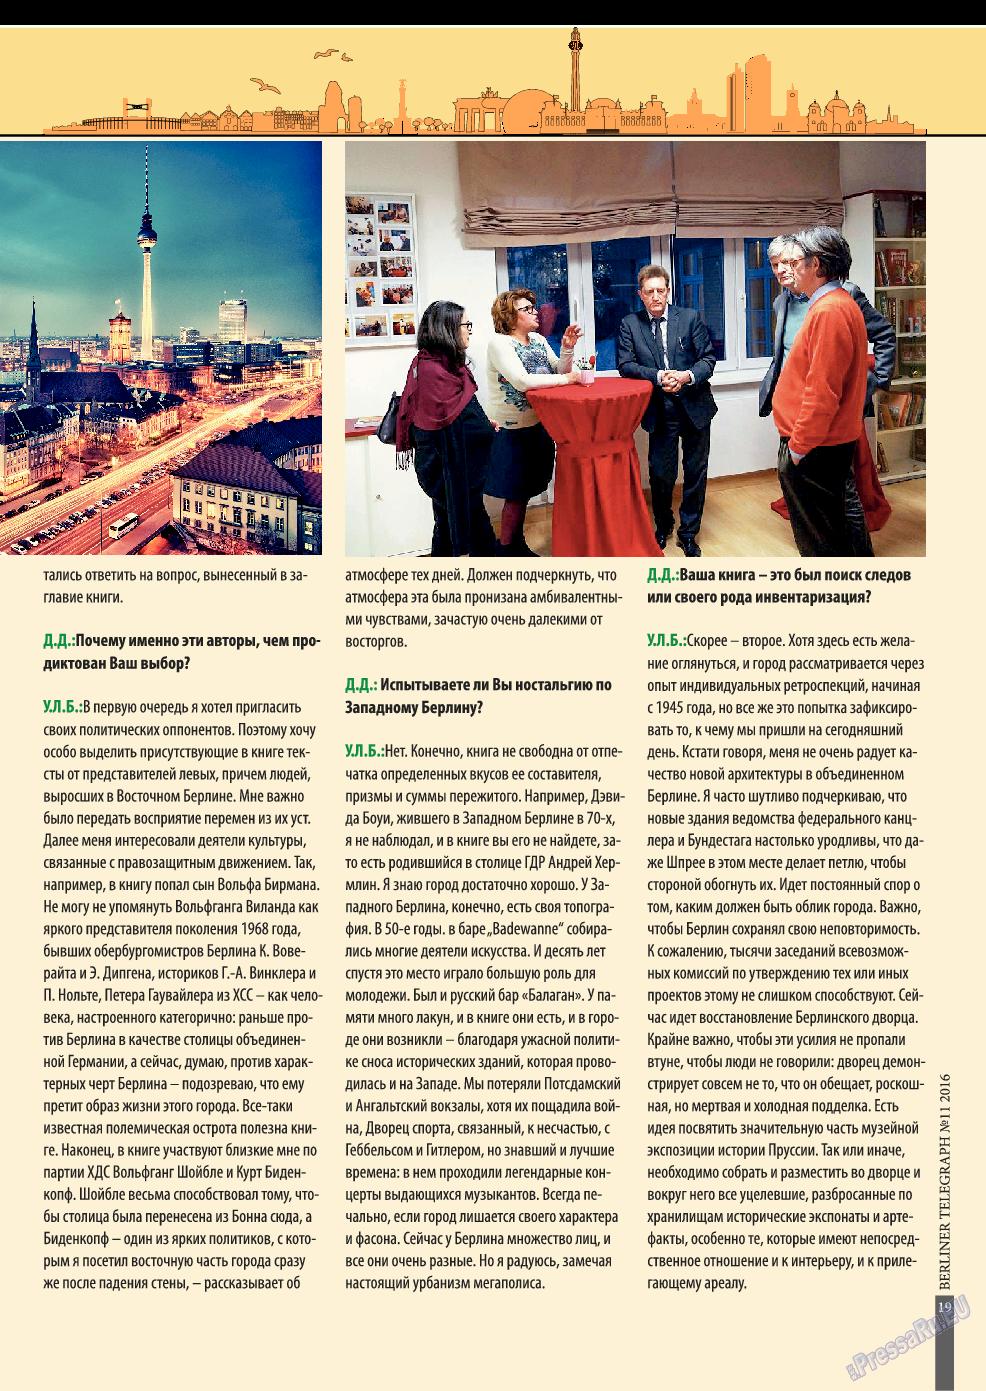 Берлинский телеграф (журнал). 2016 год, номер 11, стр. 19